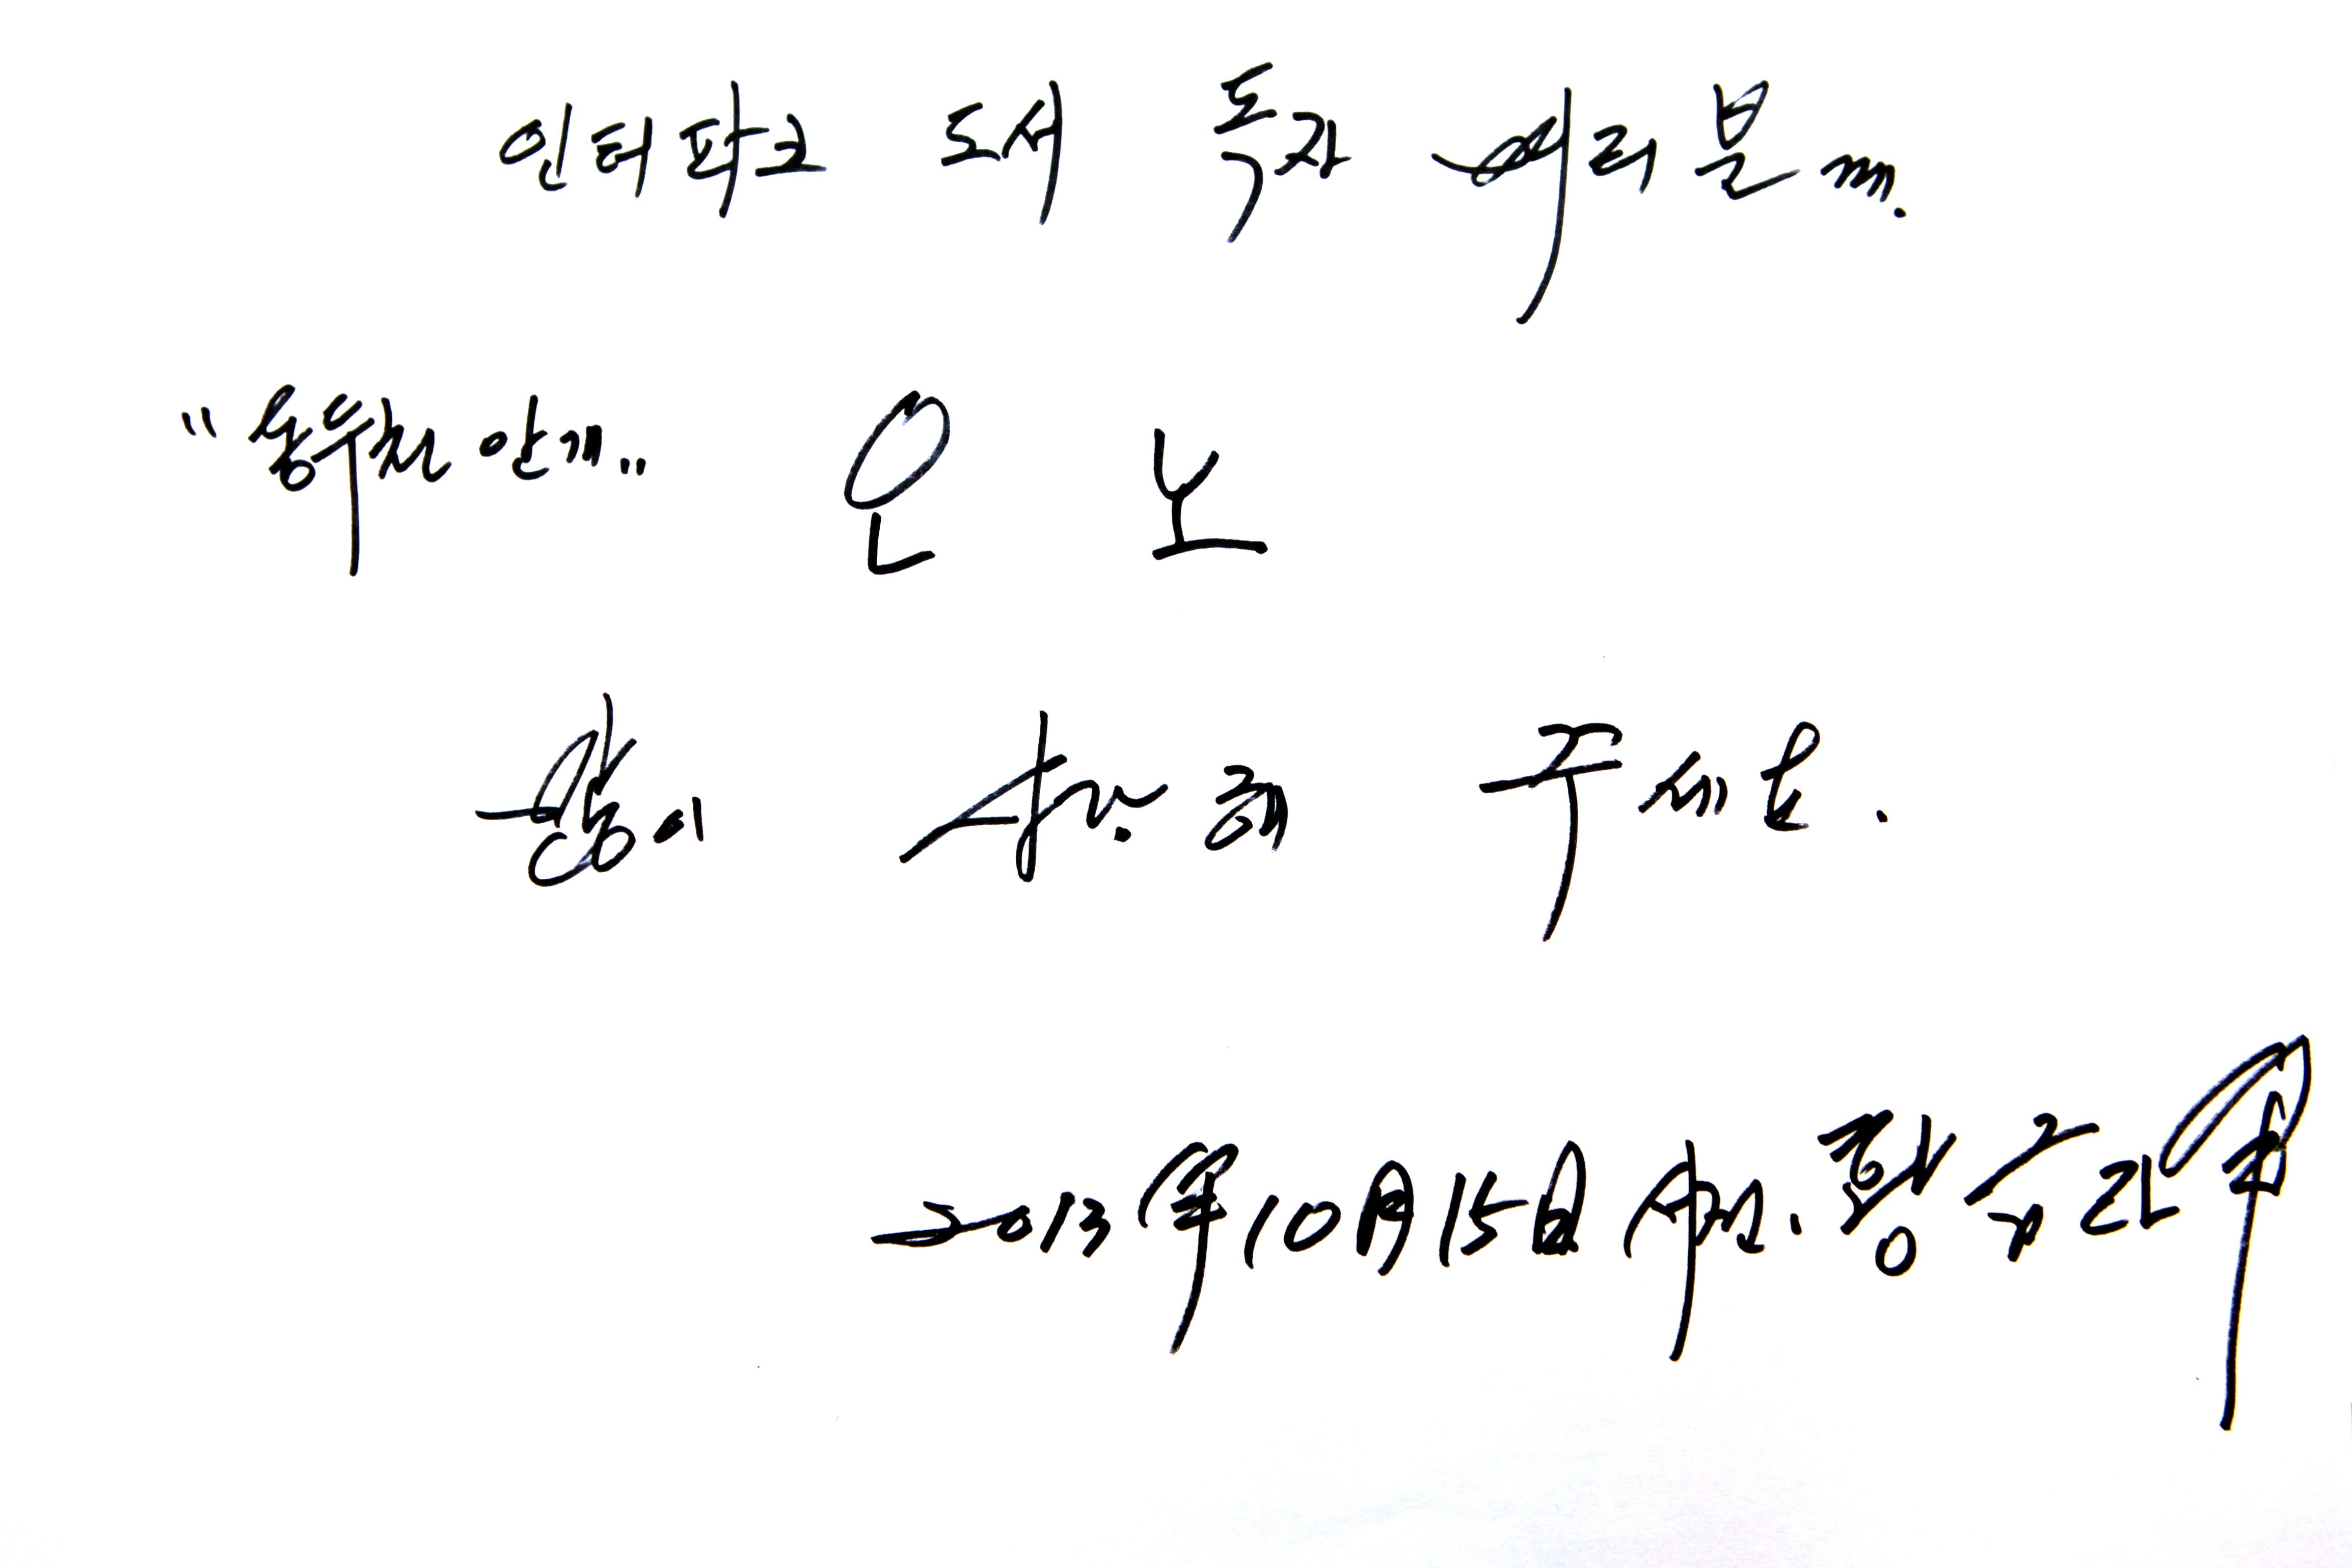 <바보 빅터> 레이먼드 조, <관계의 힘>으로 화려한 부~